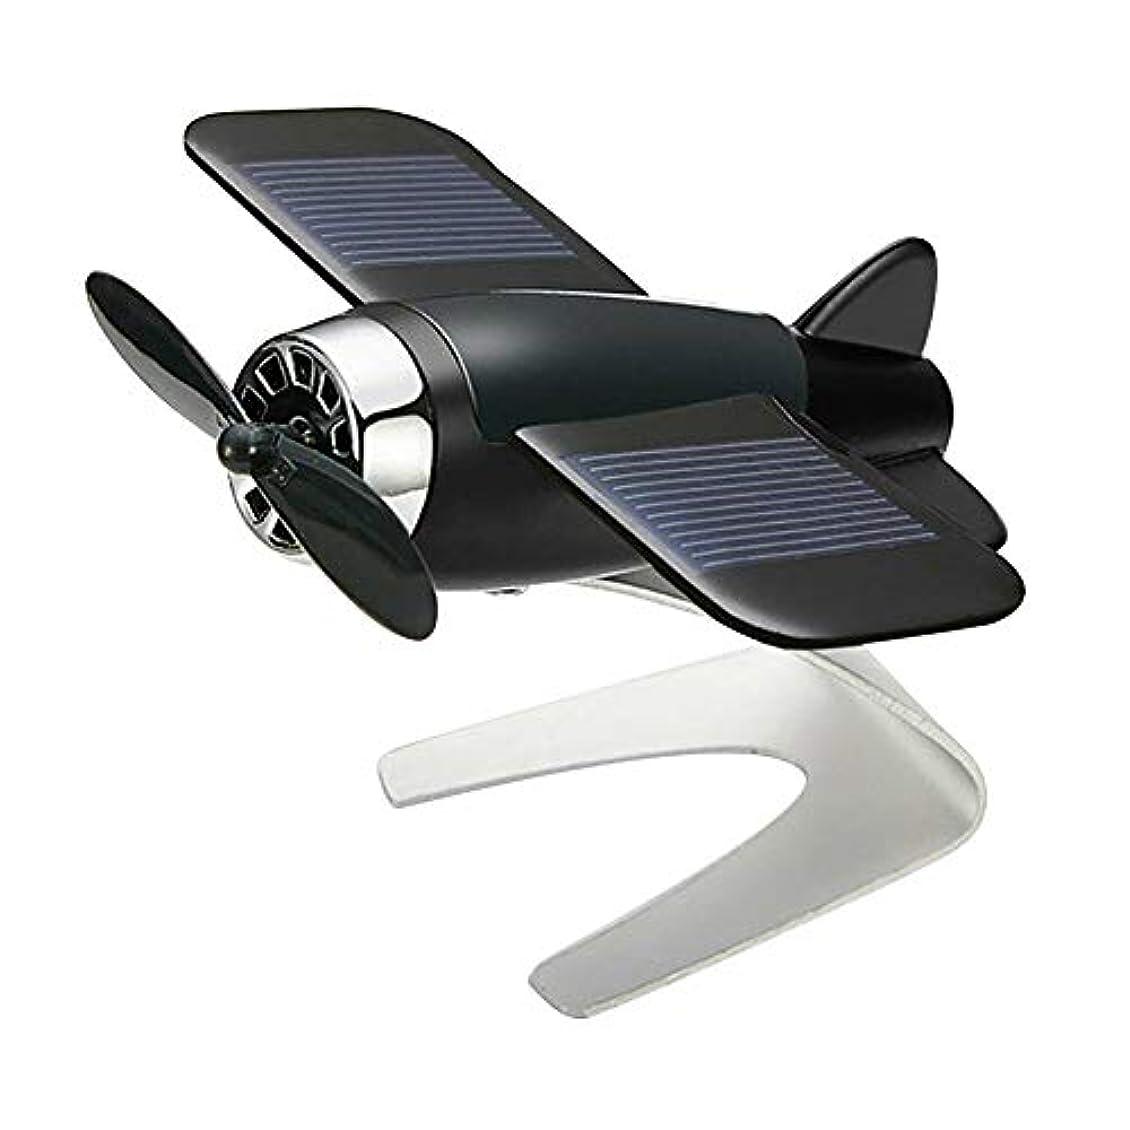 防腐剤先例韓国語Symboat 車の芳香剤飛行機航空機モデル太陽エネルギーアロマテラピー室内装飾